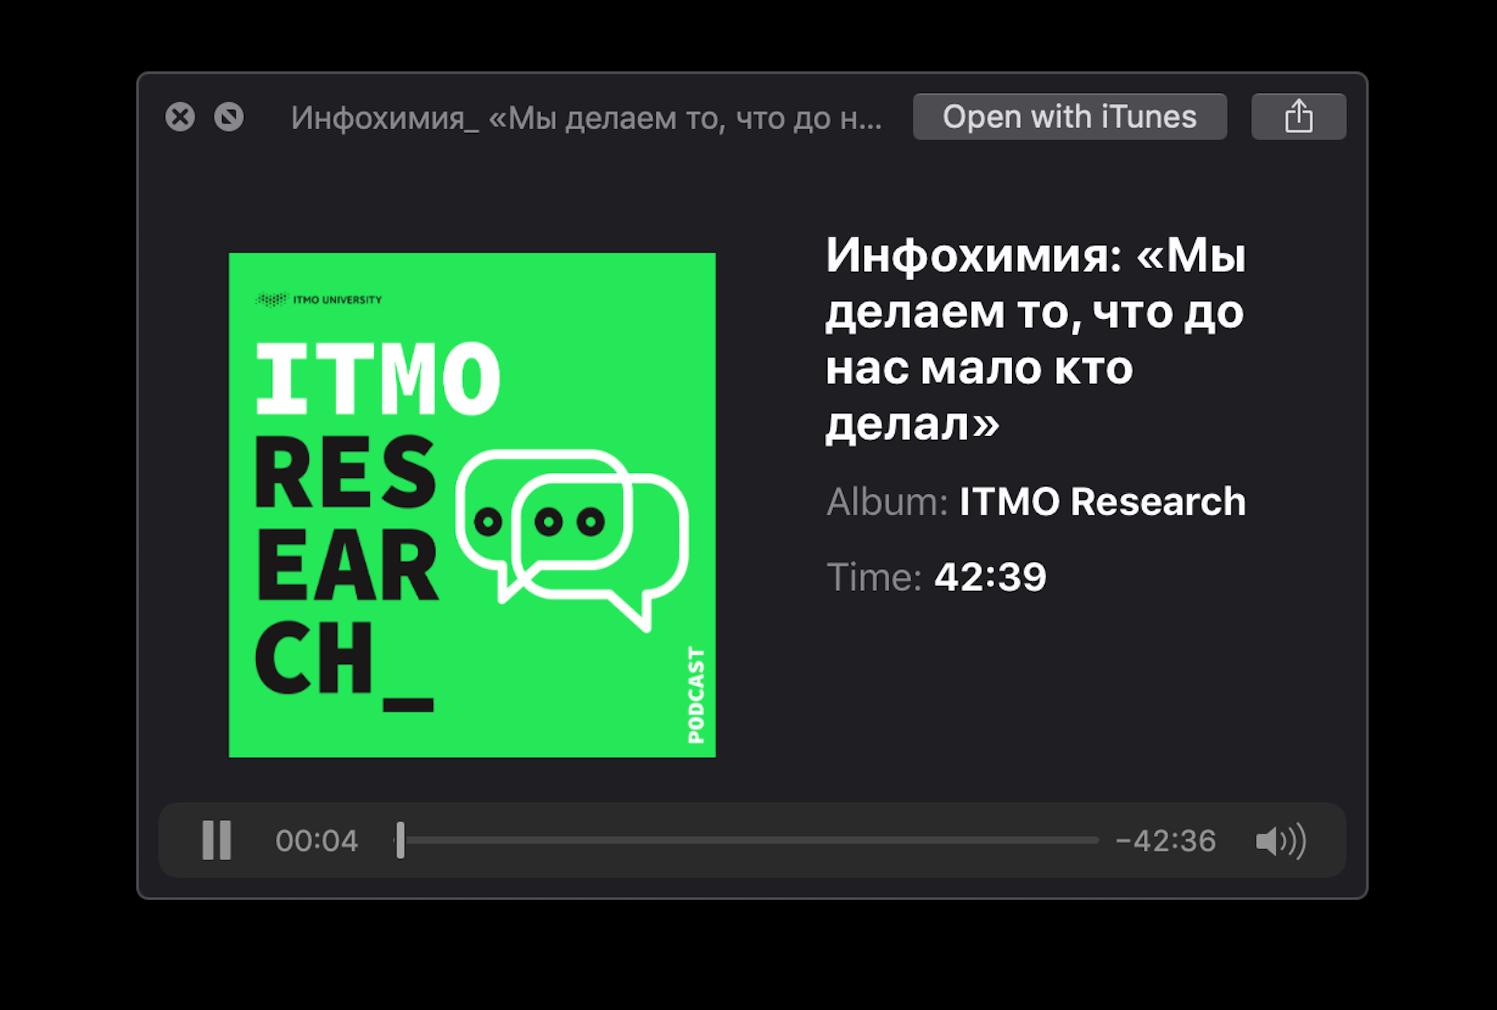 «Мы делаем то, что до нас мало кто делал»: говорим об инфохимии в подкасте ITMO Research - 1